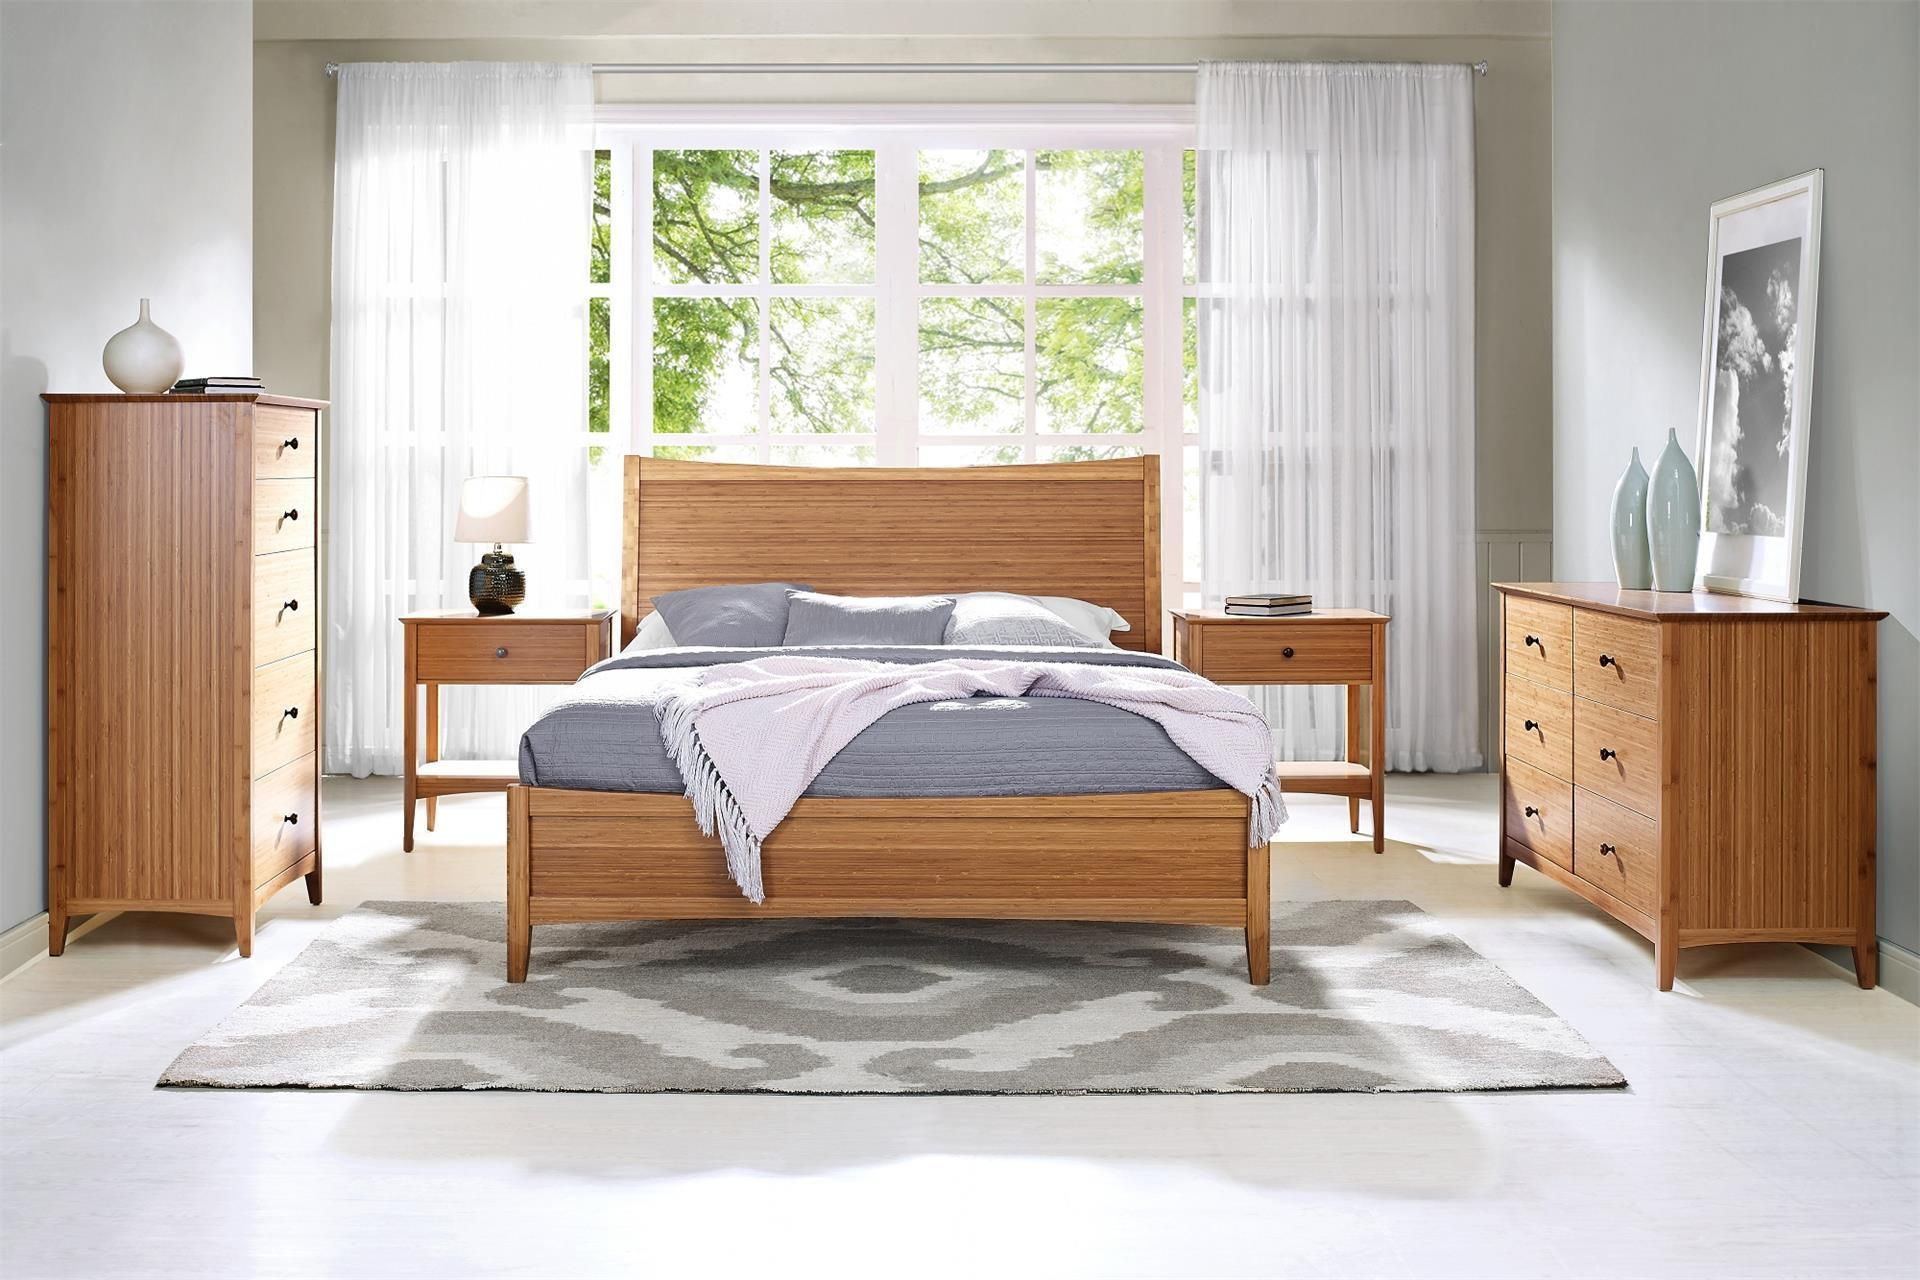 Greenington Willow 5 Piece Bamboo Bedroom Set Bedroom Set